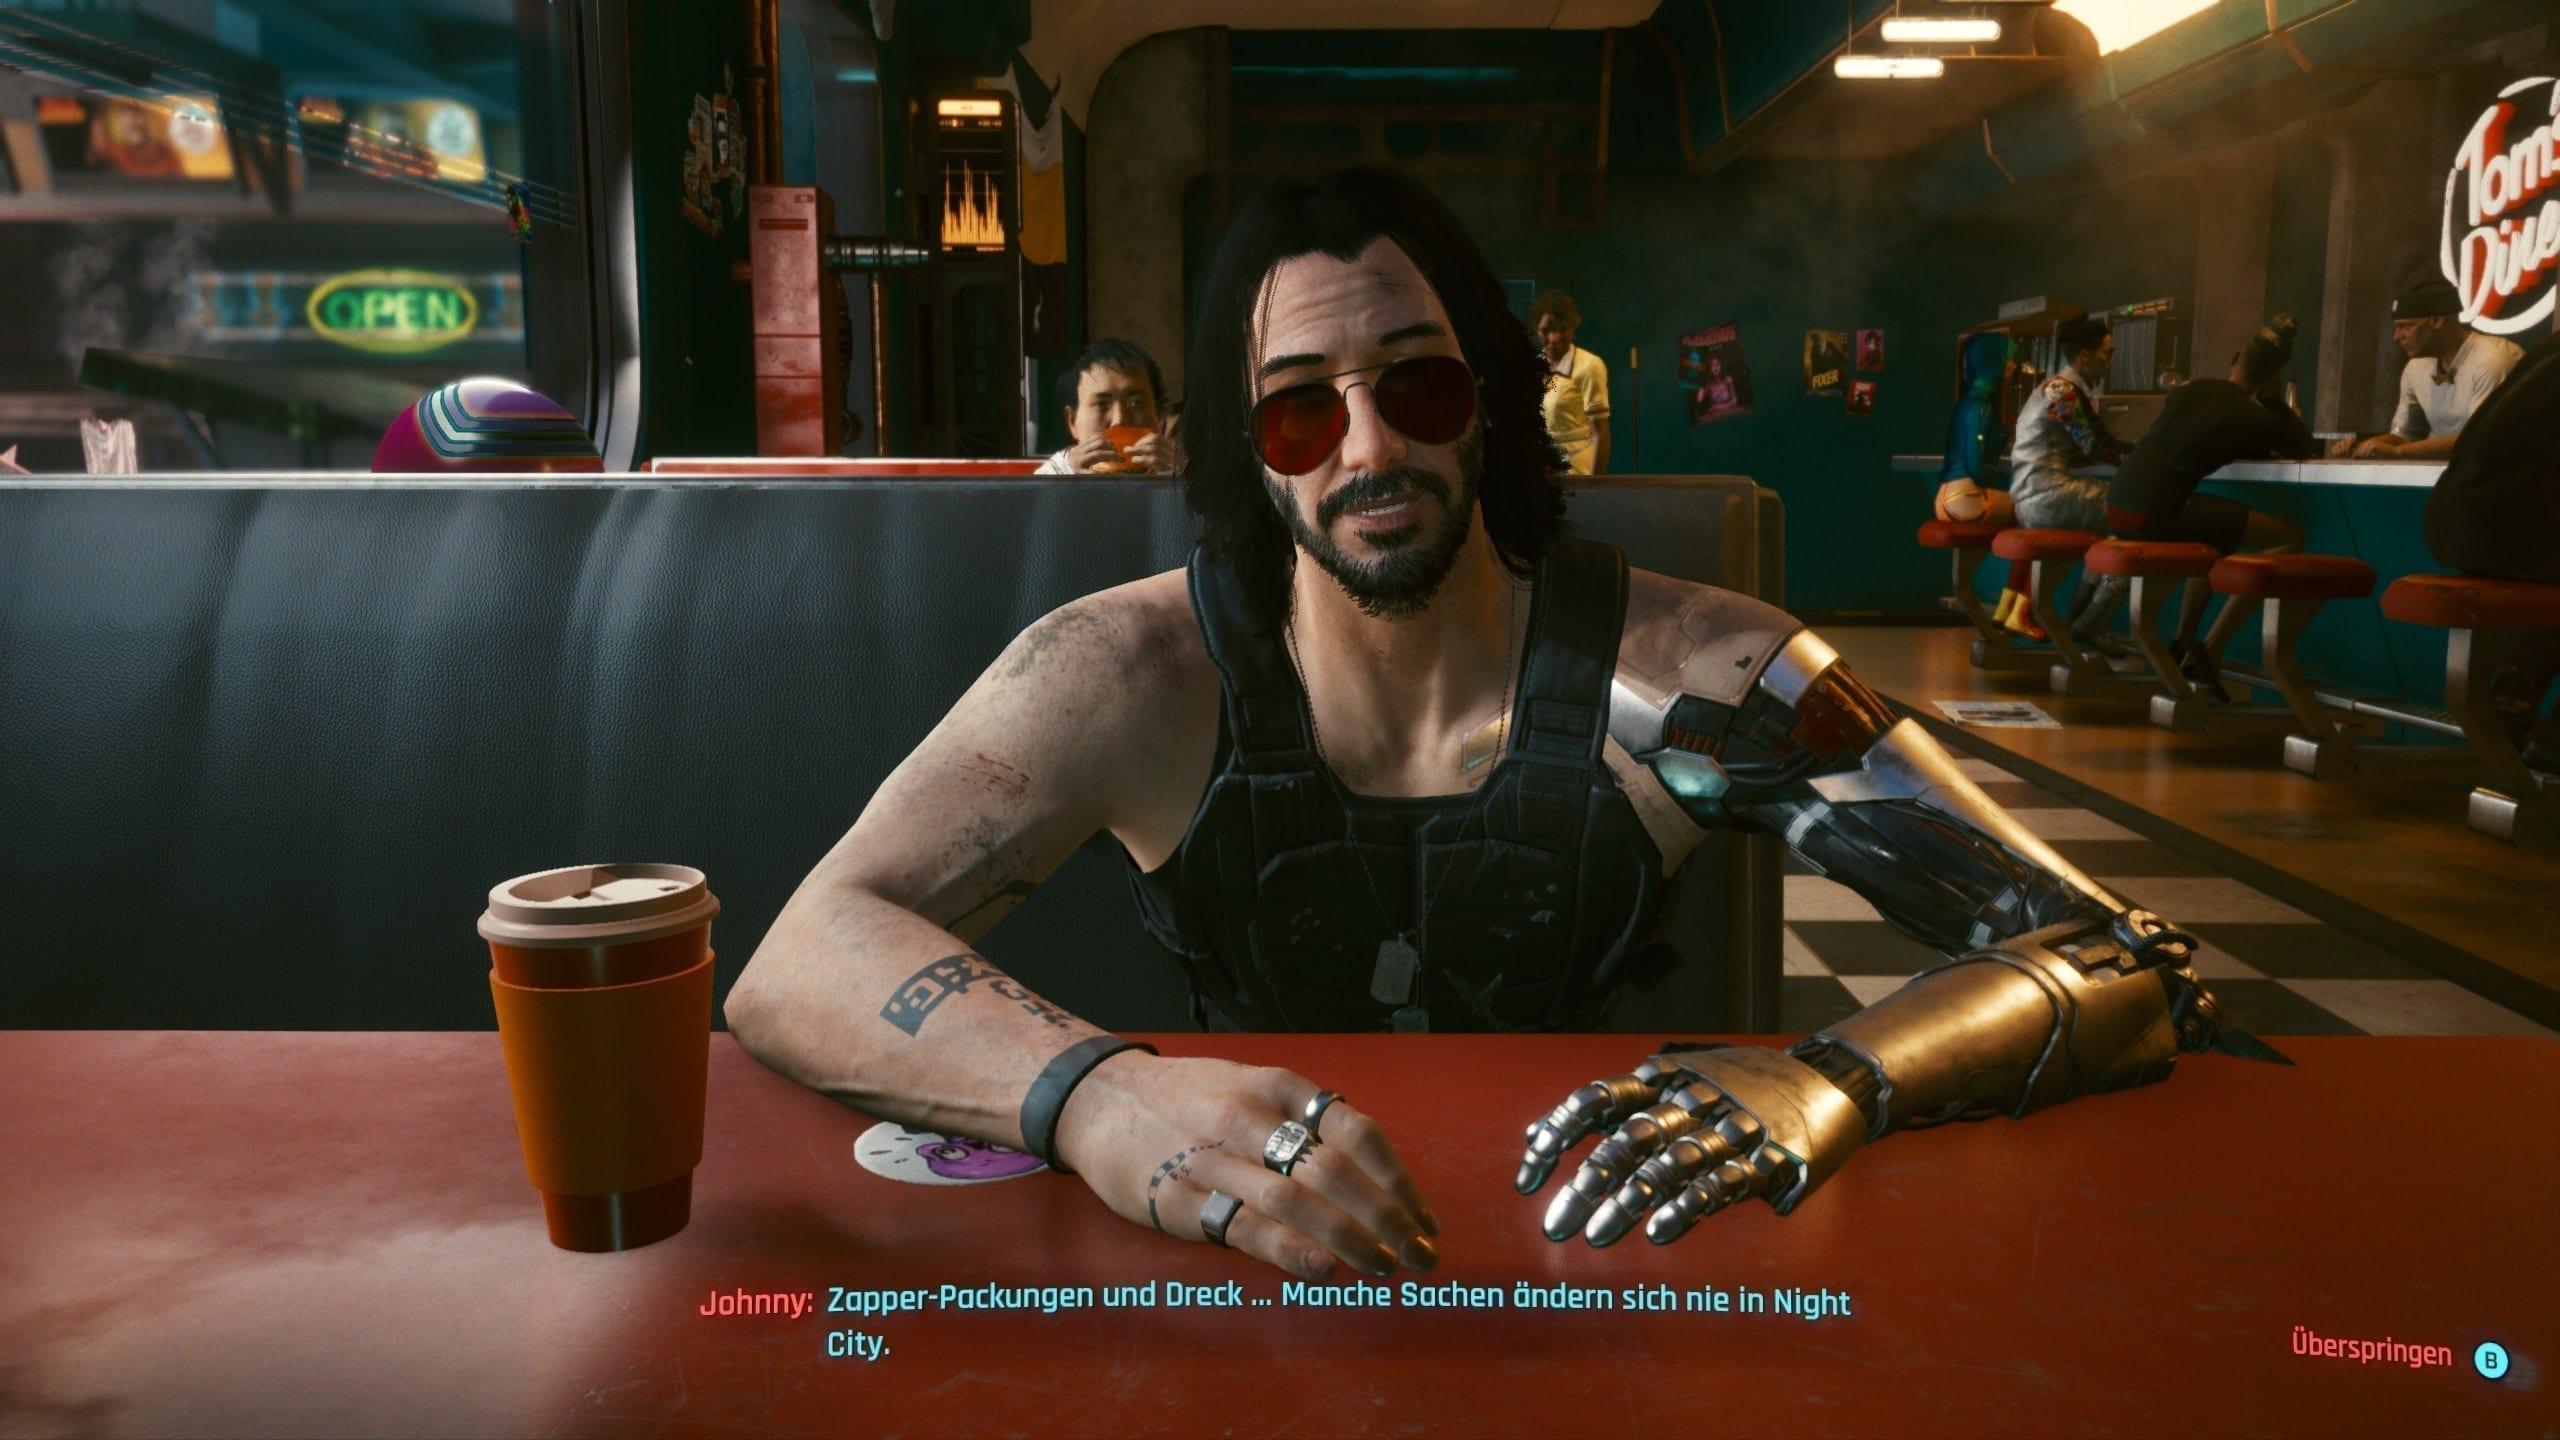 Screenshot von Spiel Cyberpunk 2077 zeigt Johnny Silverhand in einem Diner sitzend